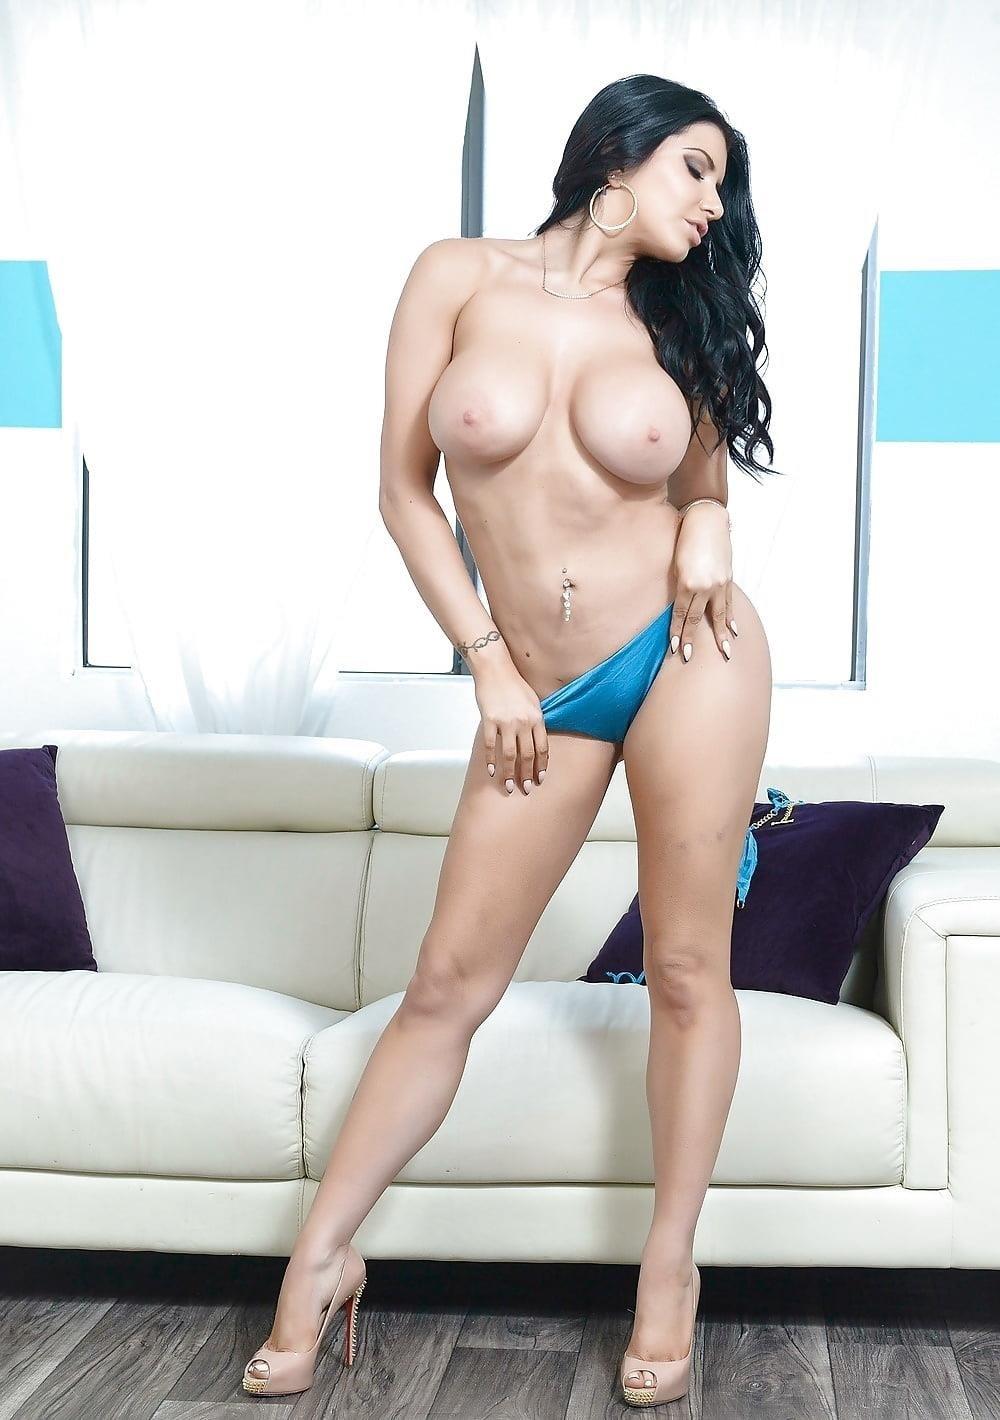 Bikini blowjob pics-5452